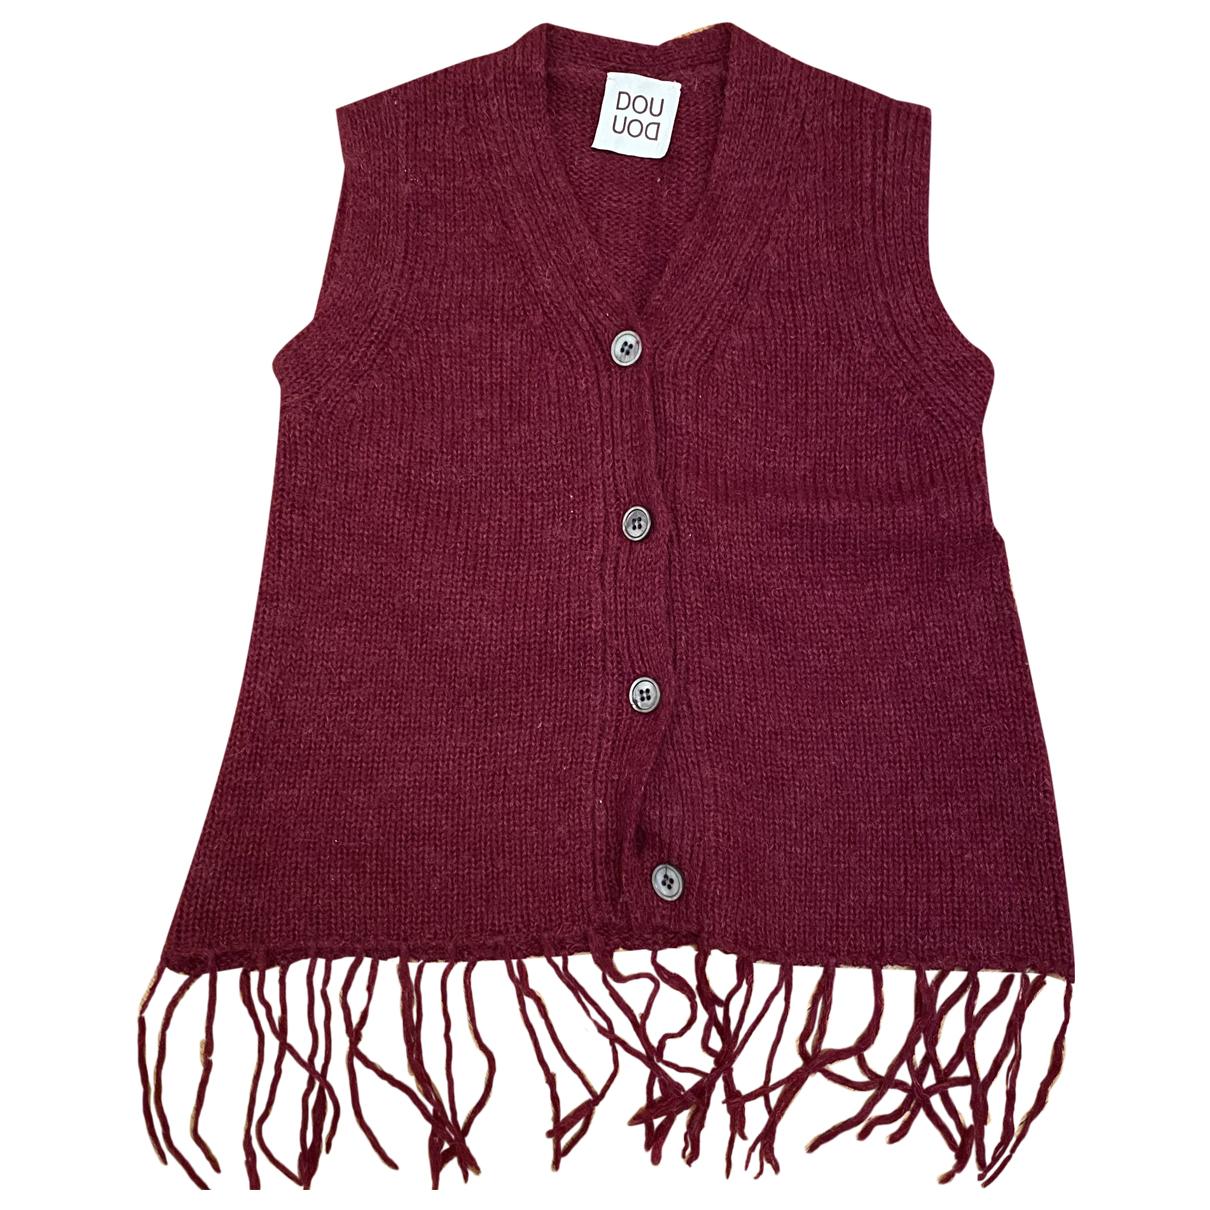 Douuod - Pull   pour enfant en laine - bordeaux